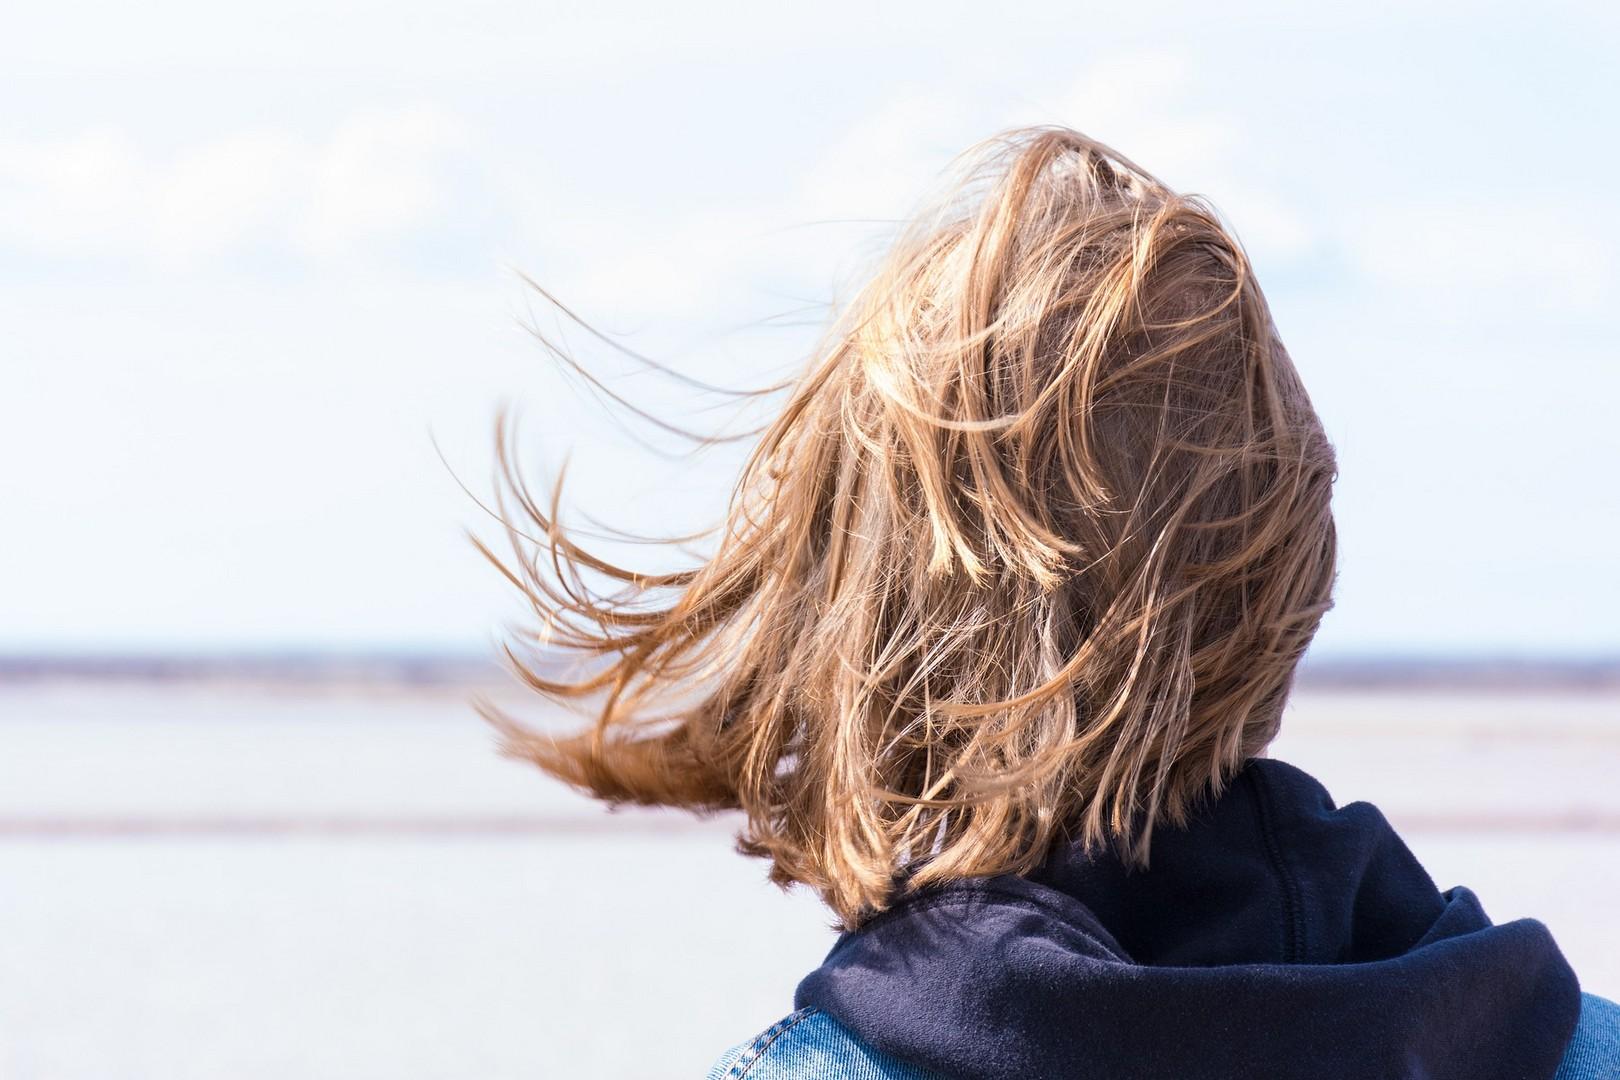 Кризис в отношениях по годам в браке: первый год и десятилетия